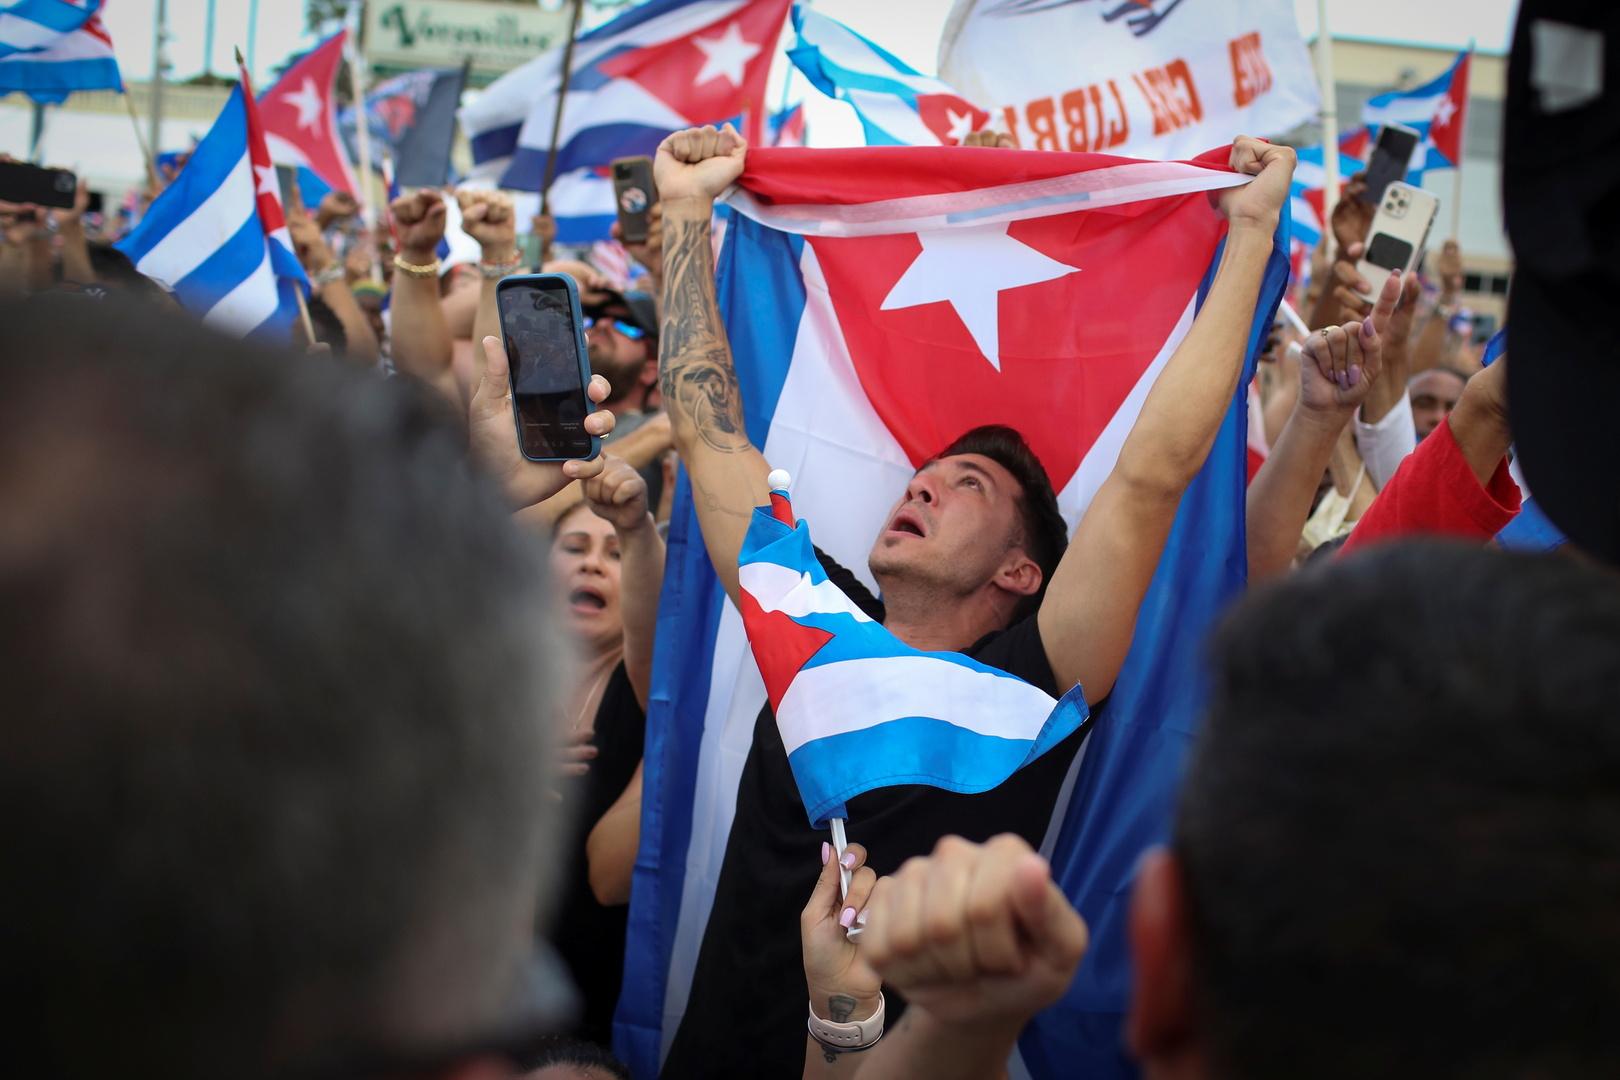 كوبا تتخذ خطوة أولى لمواجهة النقص الحاد في المواد الغذائية والأدوية